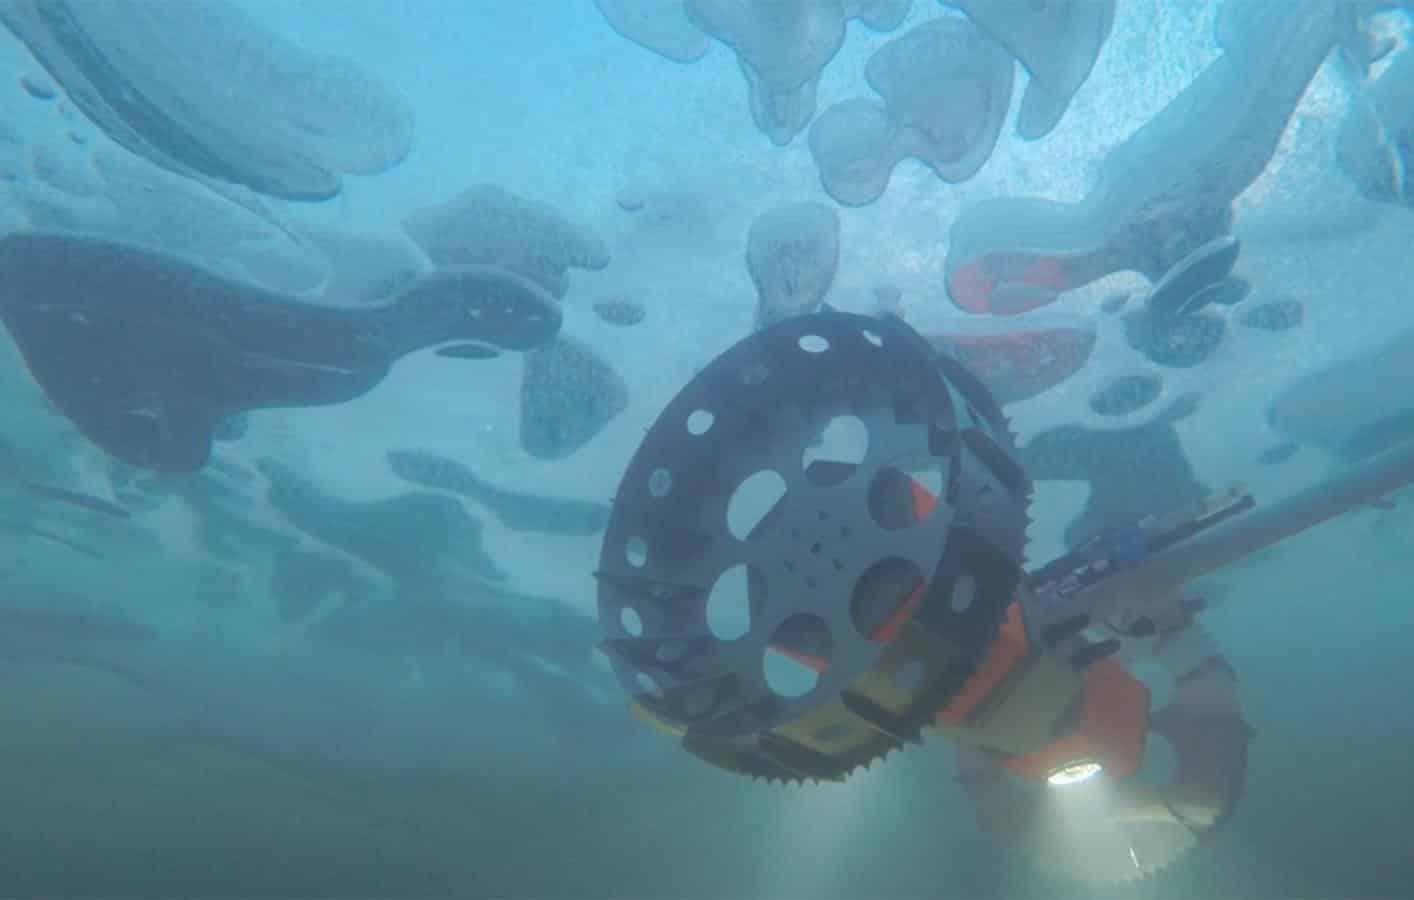 Nasa testa submarino 'caçador de aliens' na Antártica